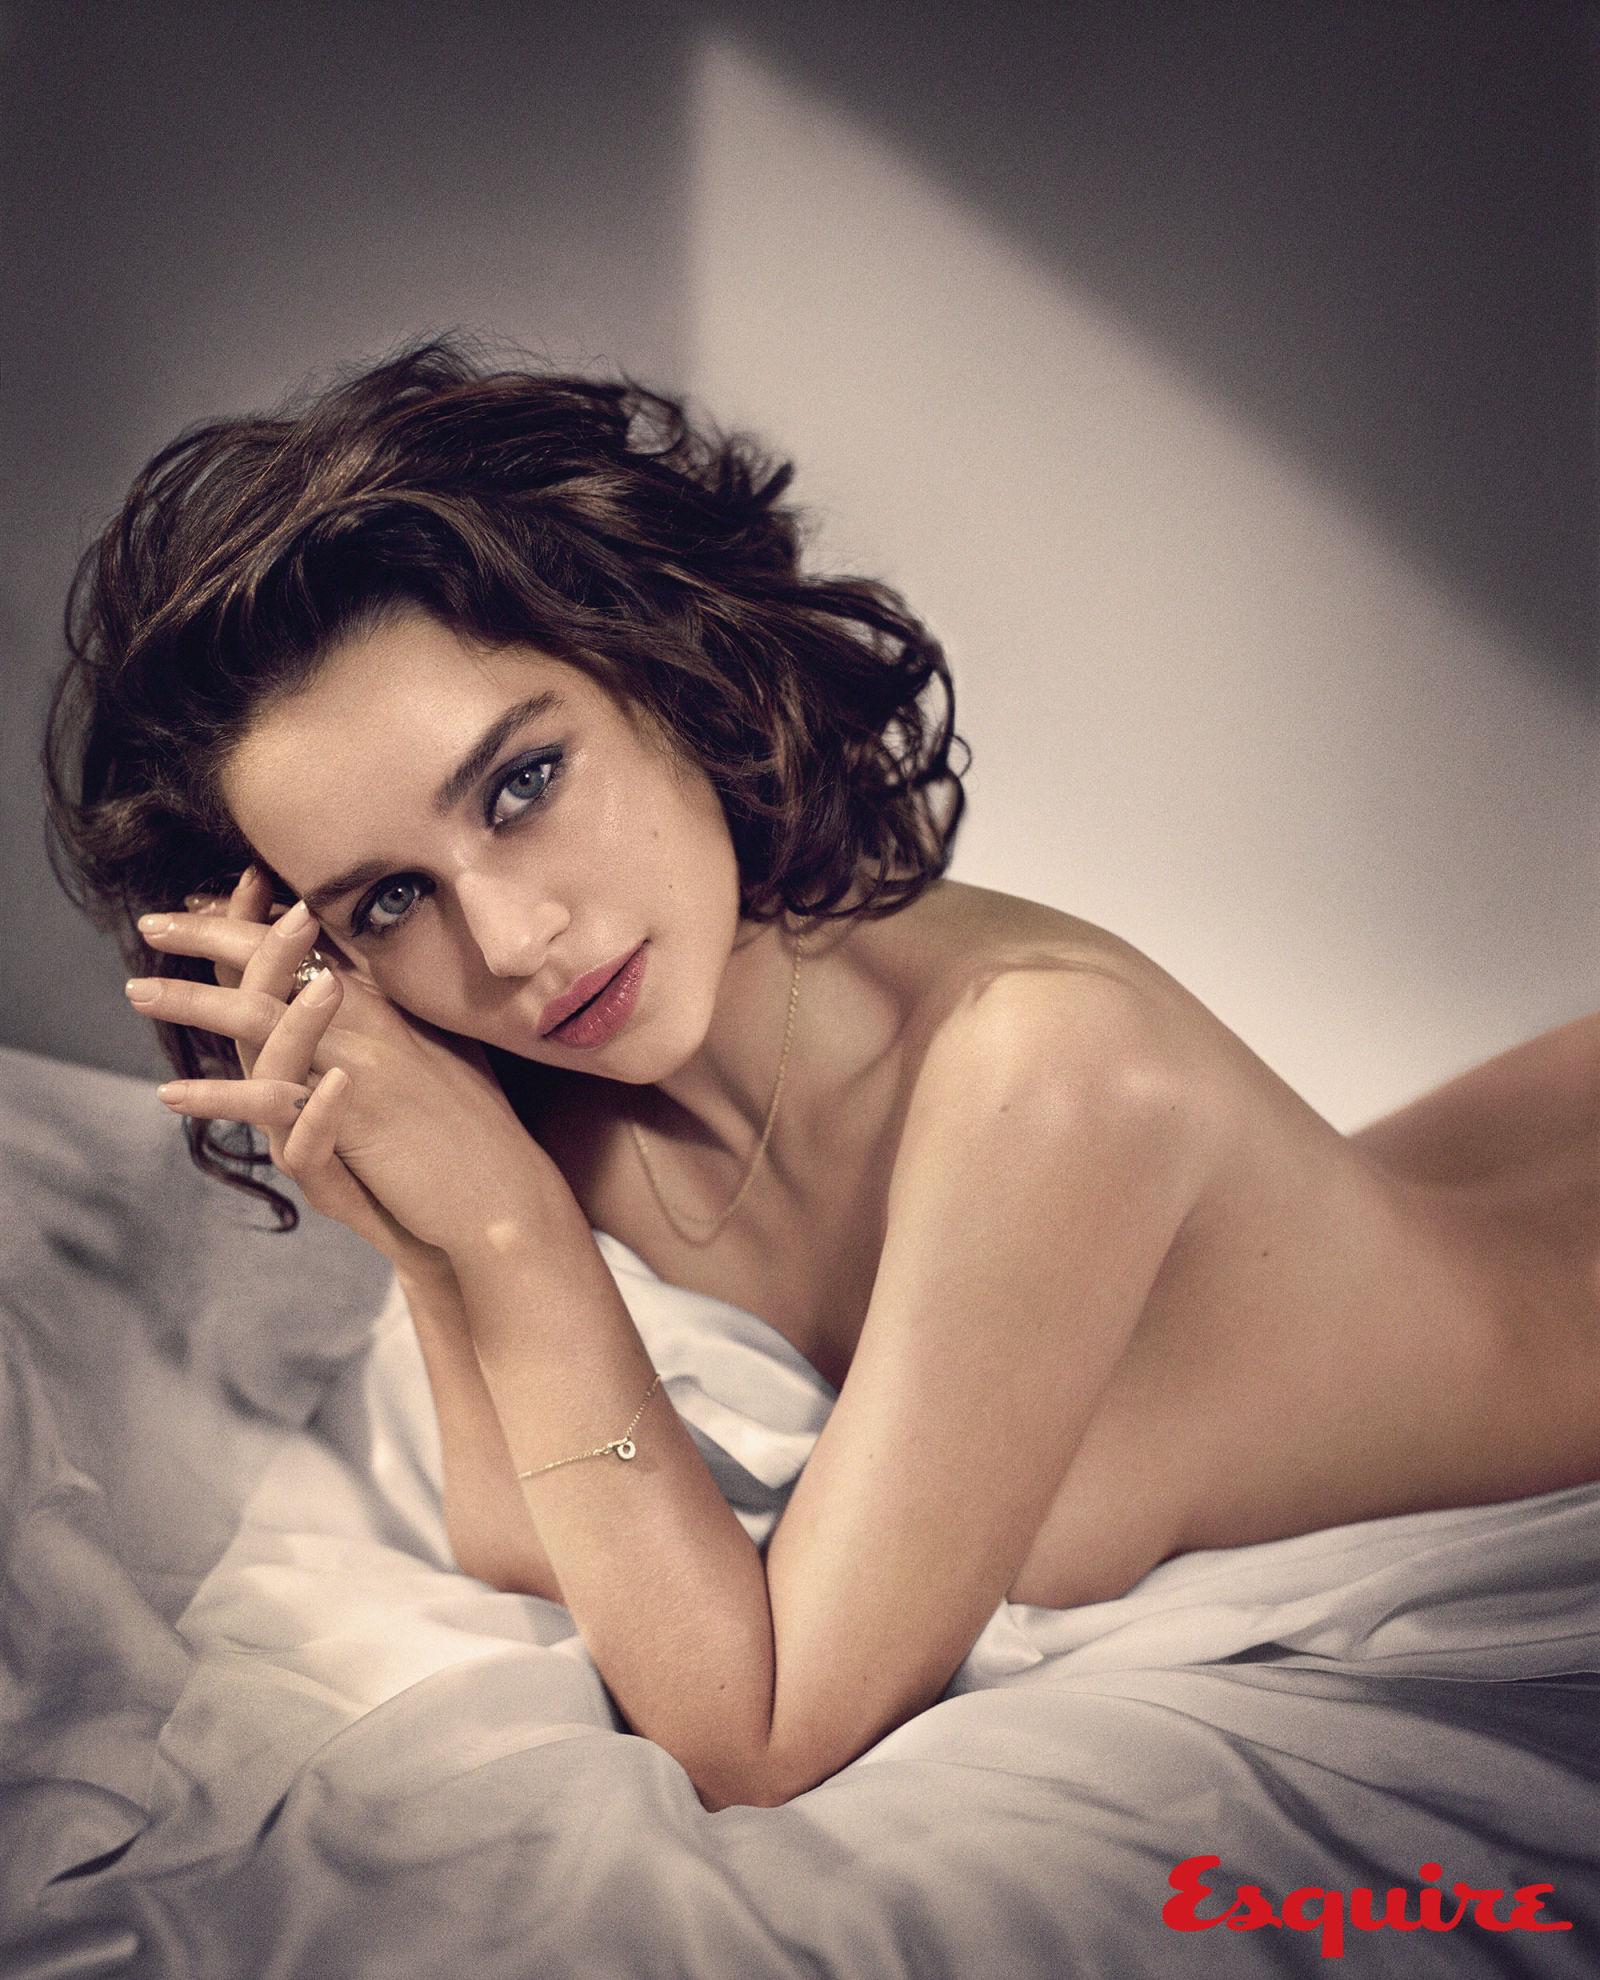 gallery-1444418914-emilia-clarke-sexiest-woman-alive-2015-005.jpg